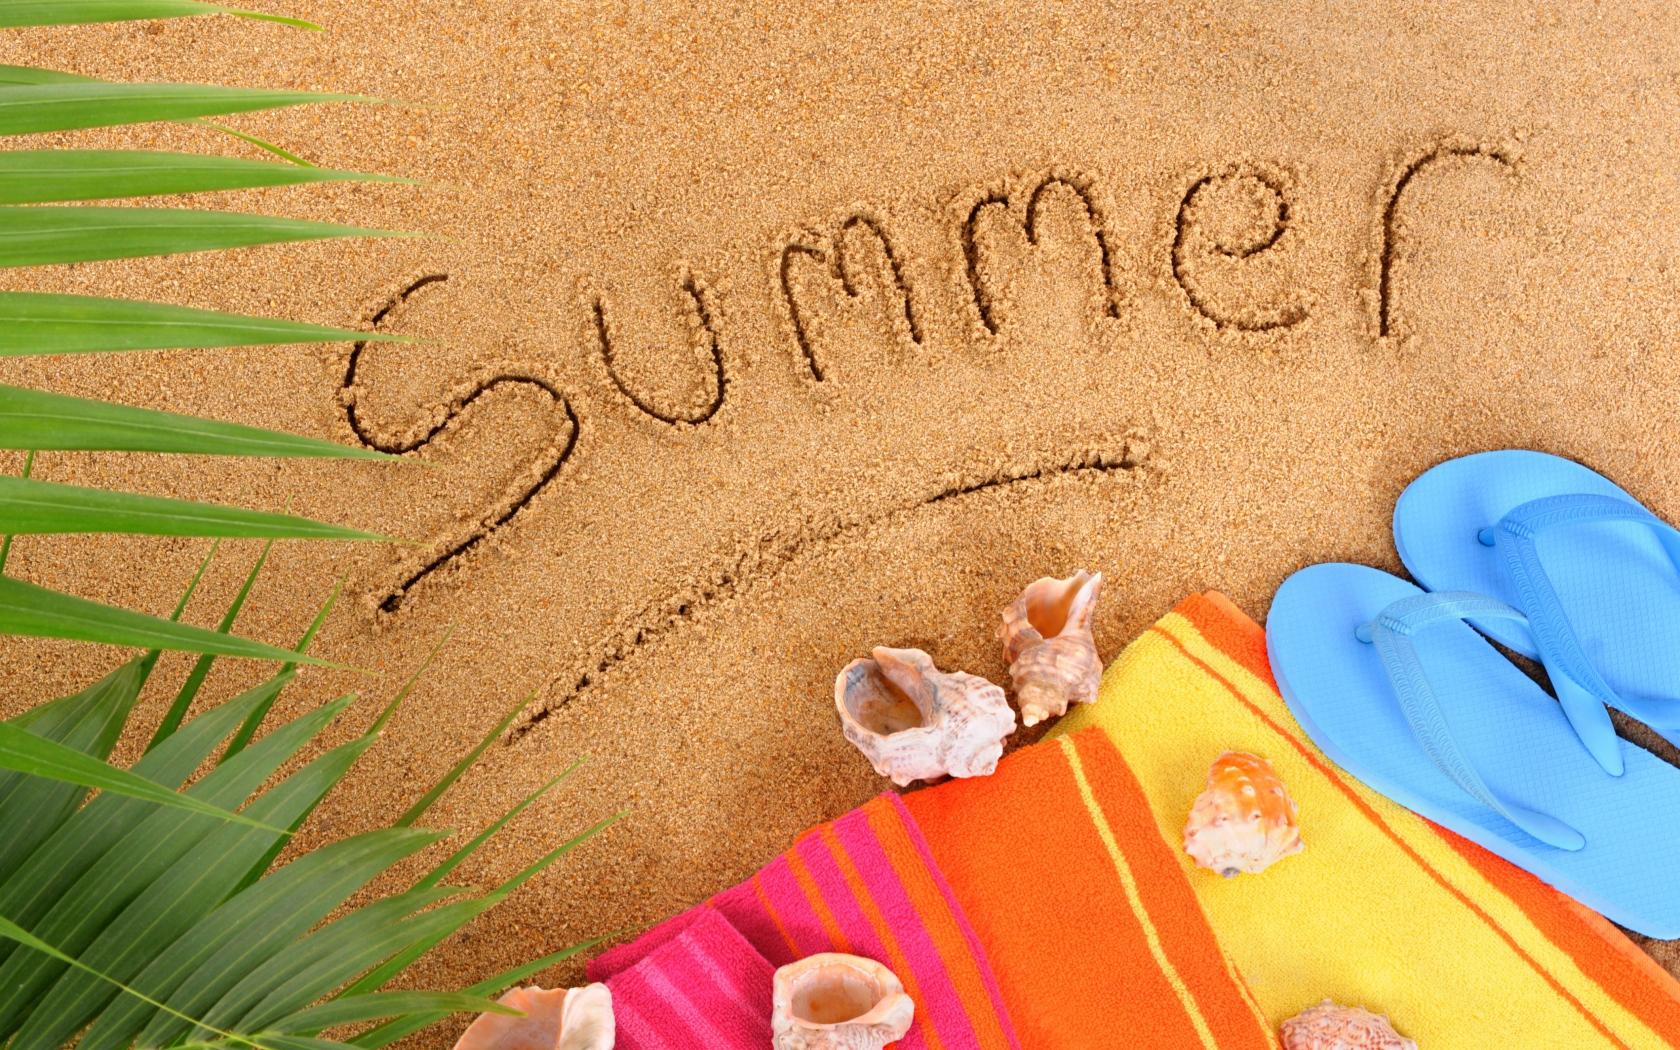 Приколы про лето в картинках с надписями 2019